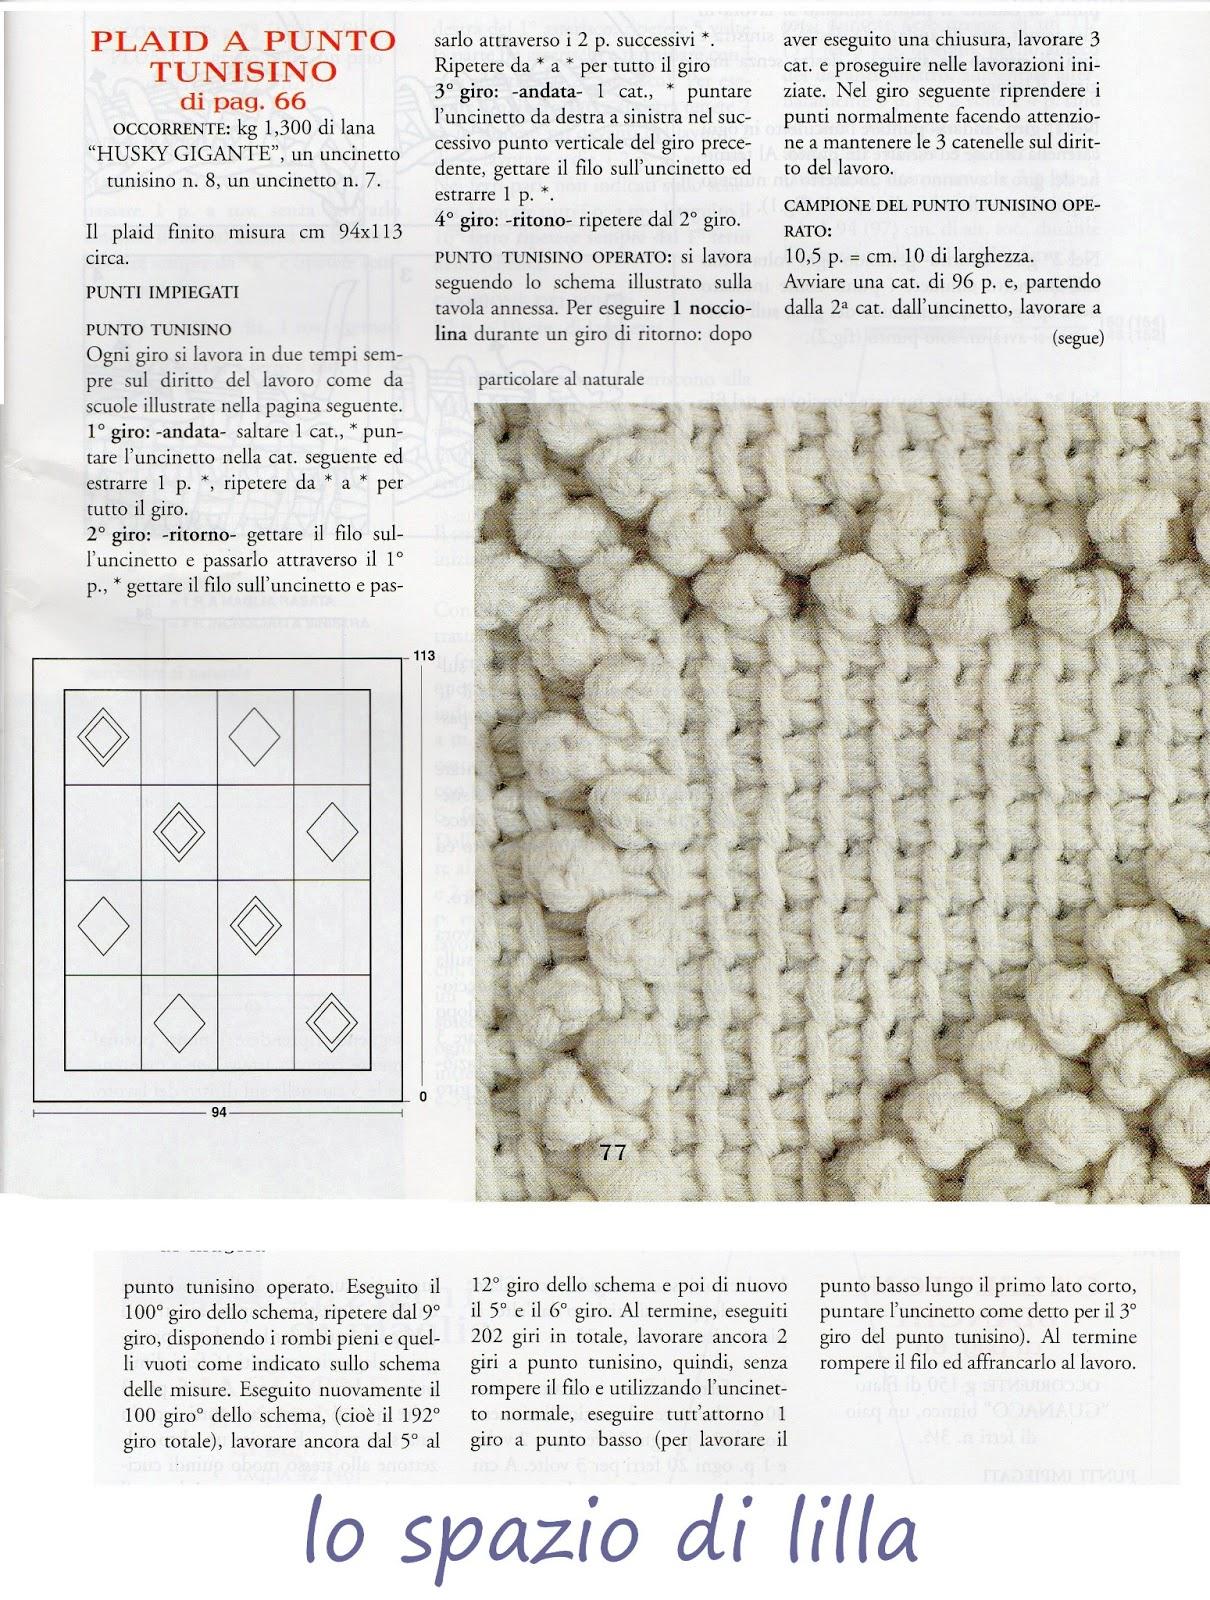 Uncinetto tunisino: il cuscino ed il plaid con le noccioline